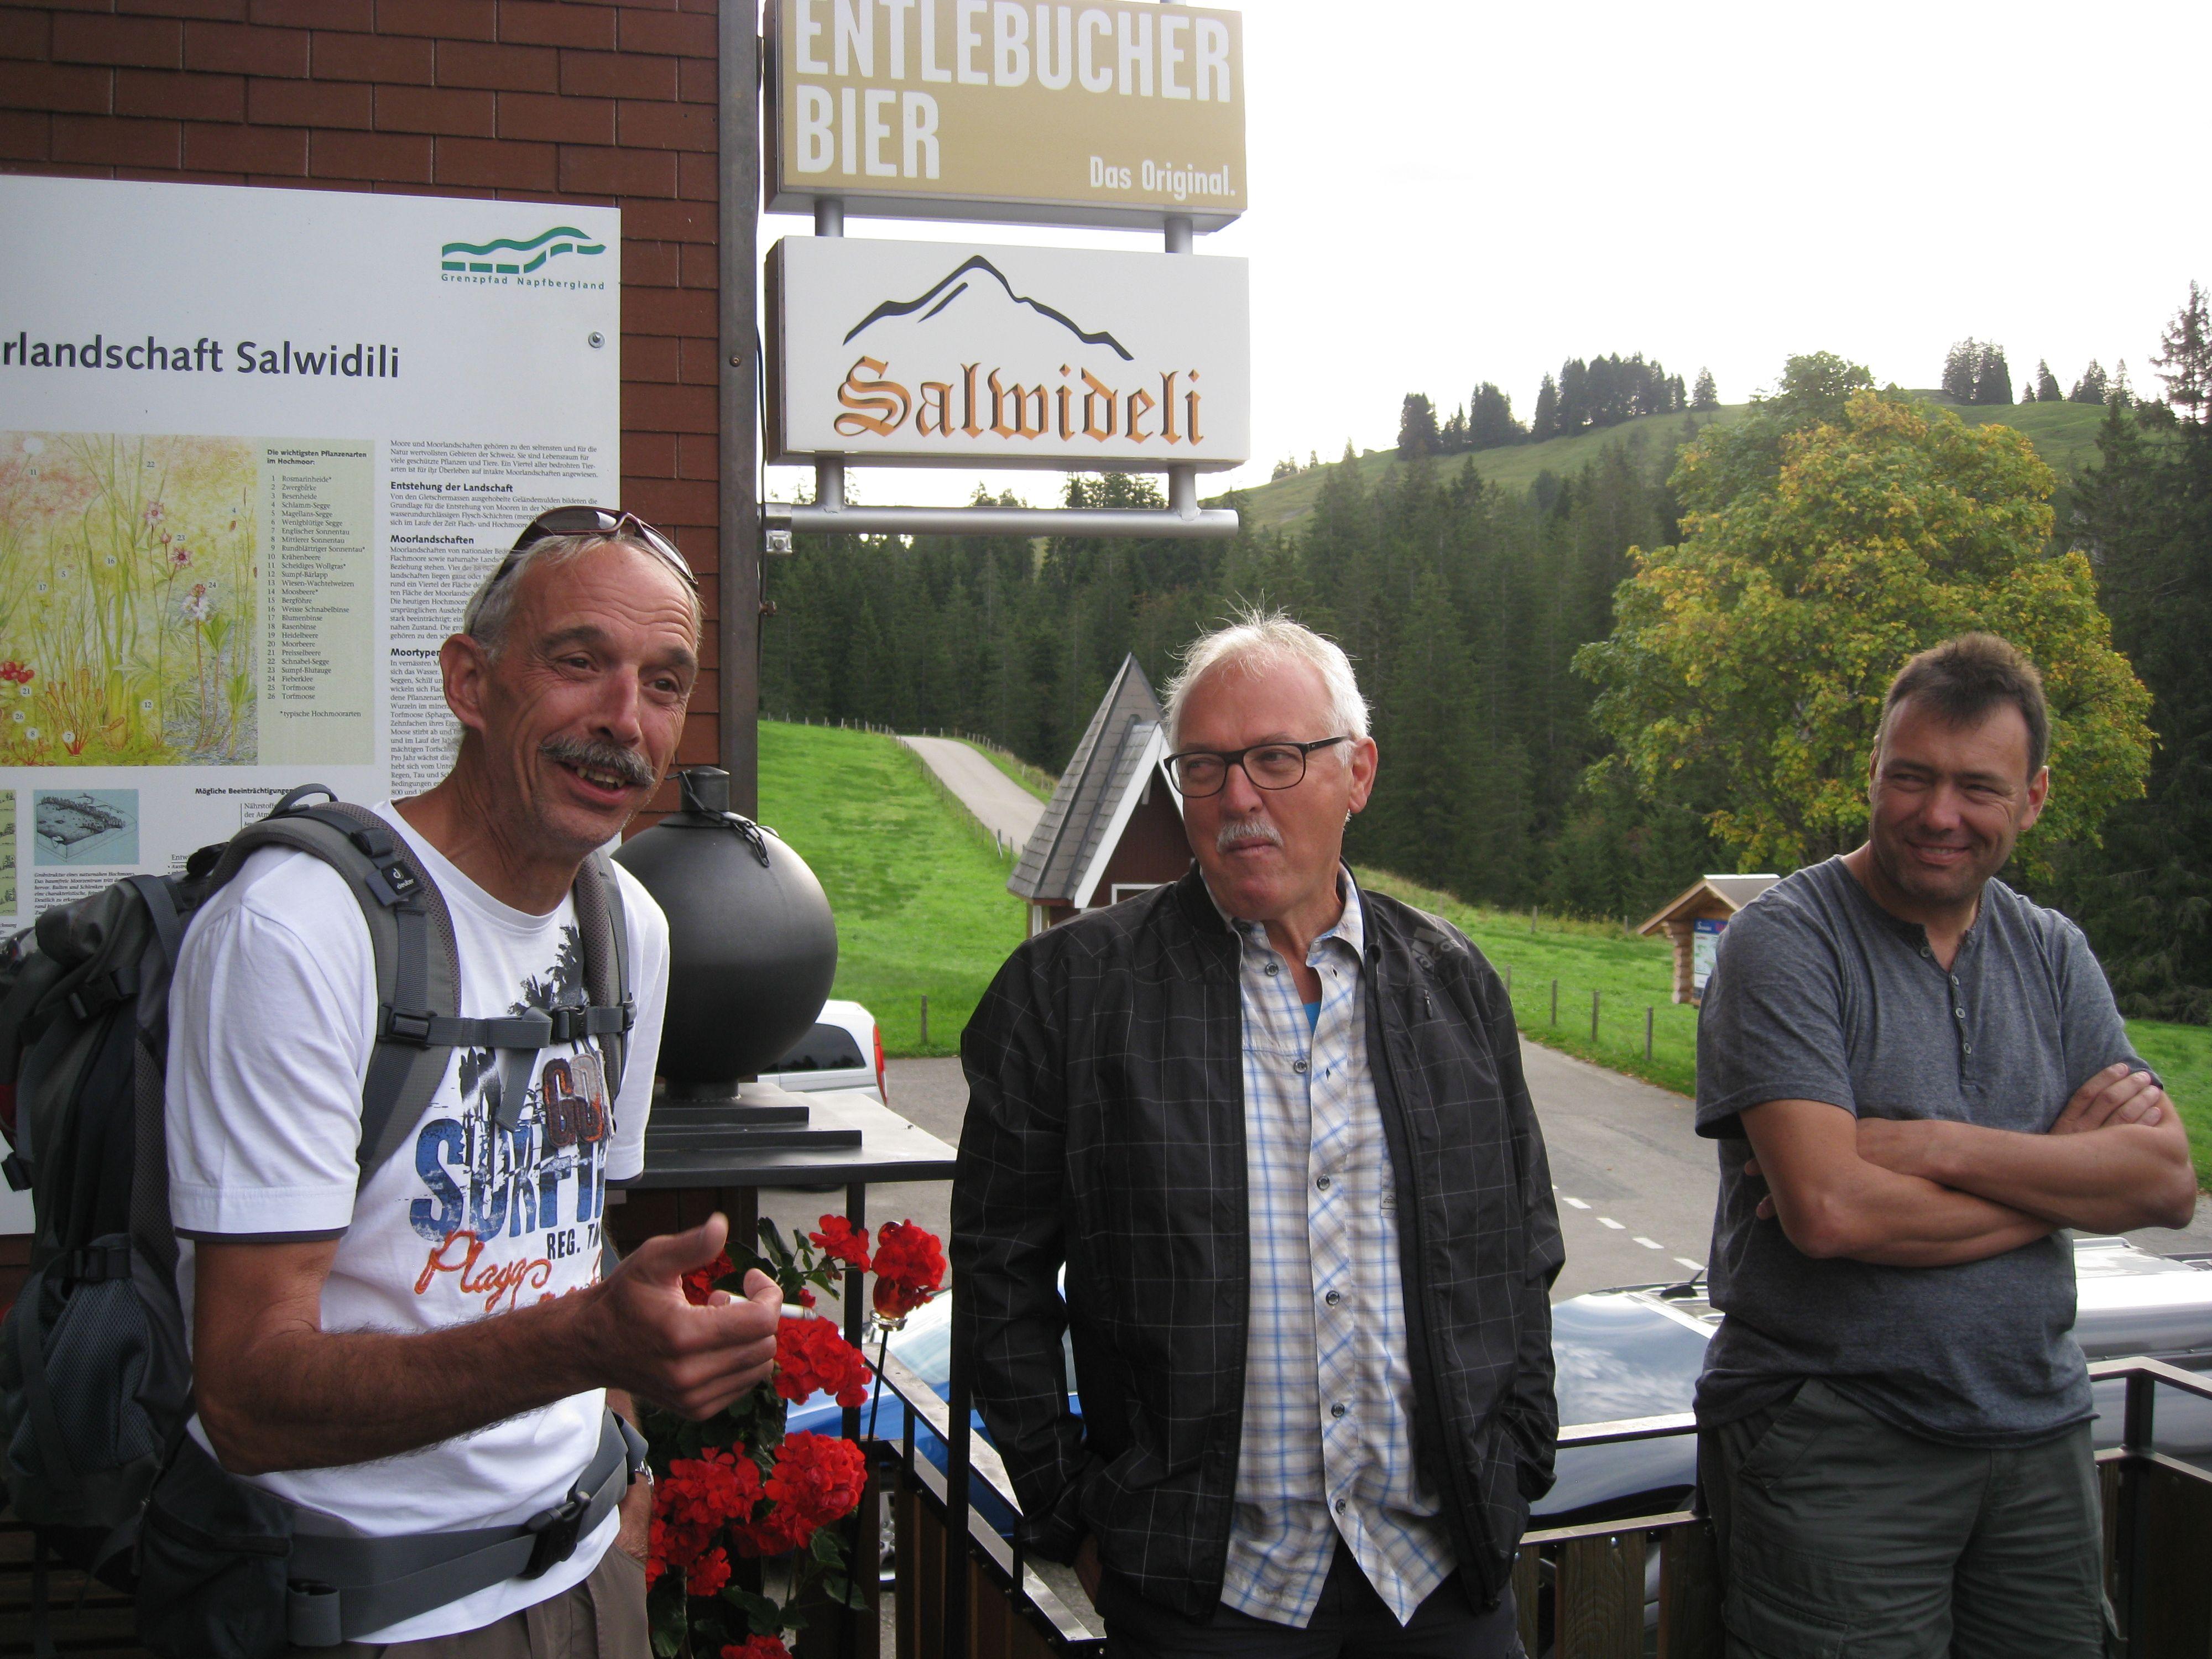 2016-09-04-Entlebuch-152-IMG_5149